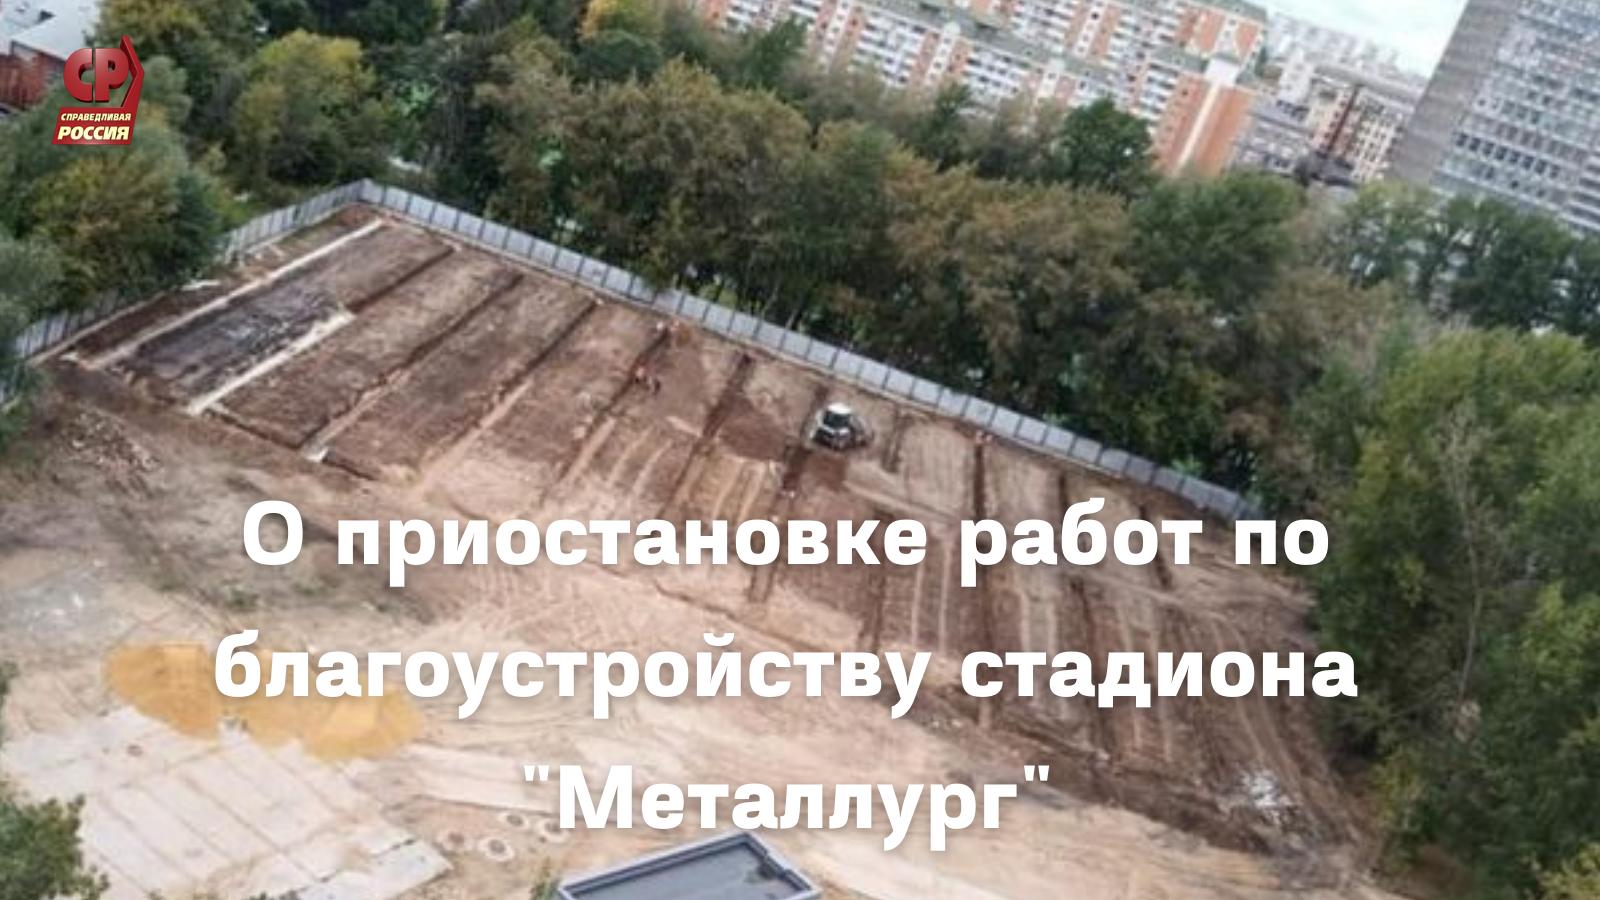 О приостановке работ по благоустройству стадиона Металлург